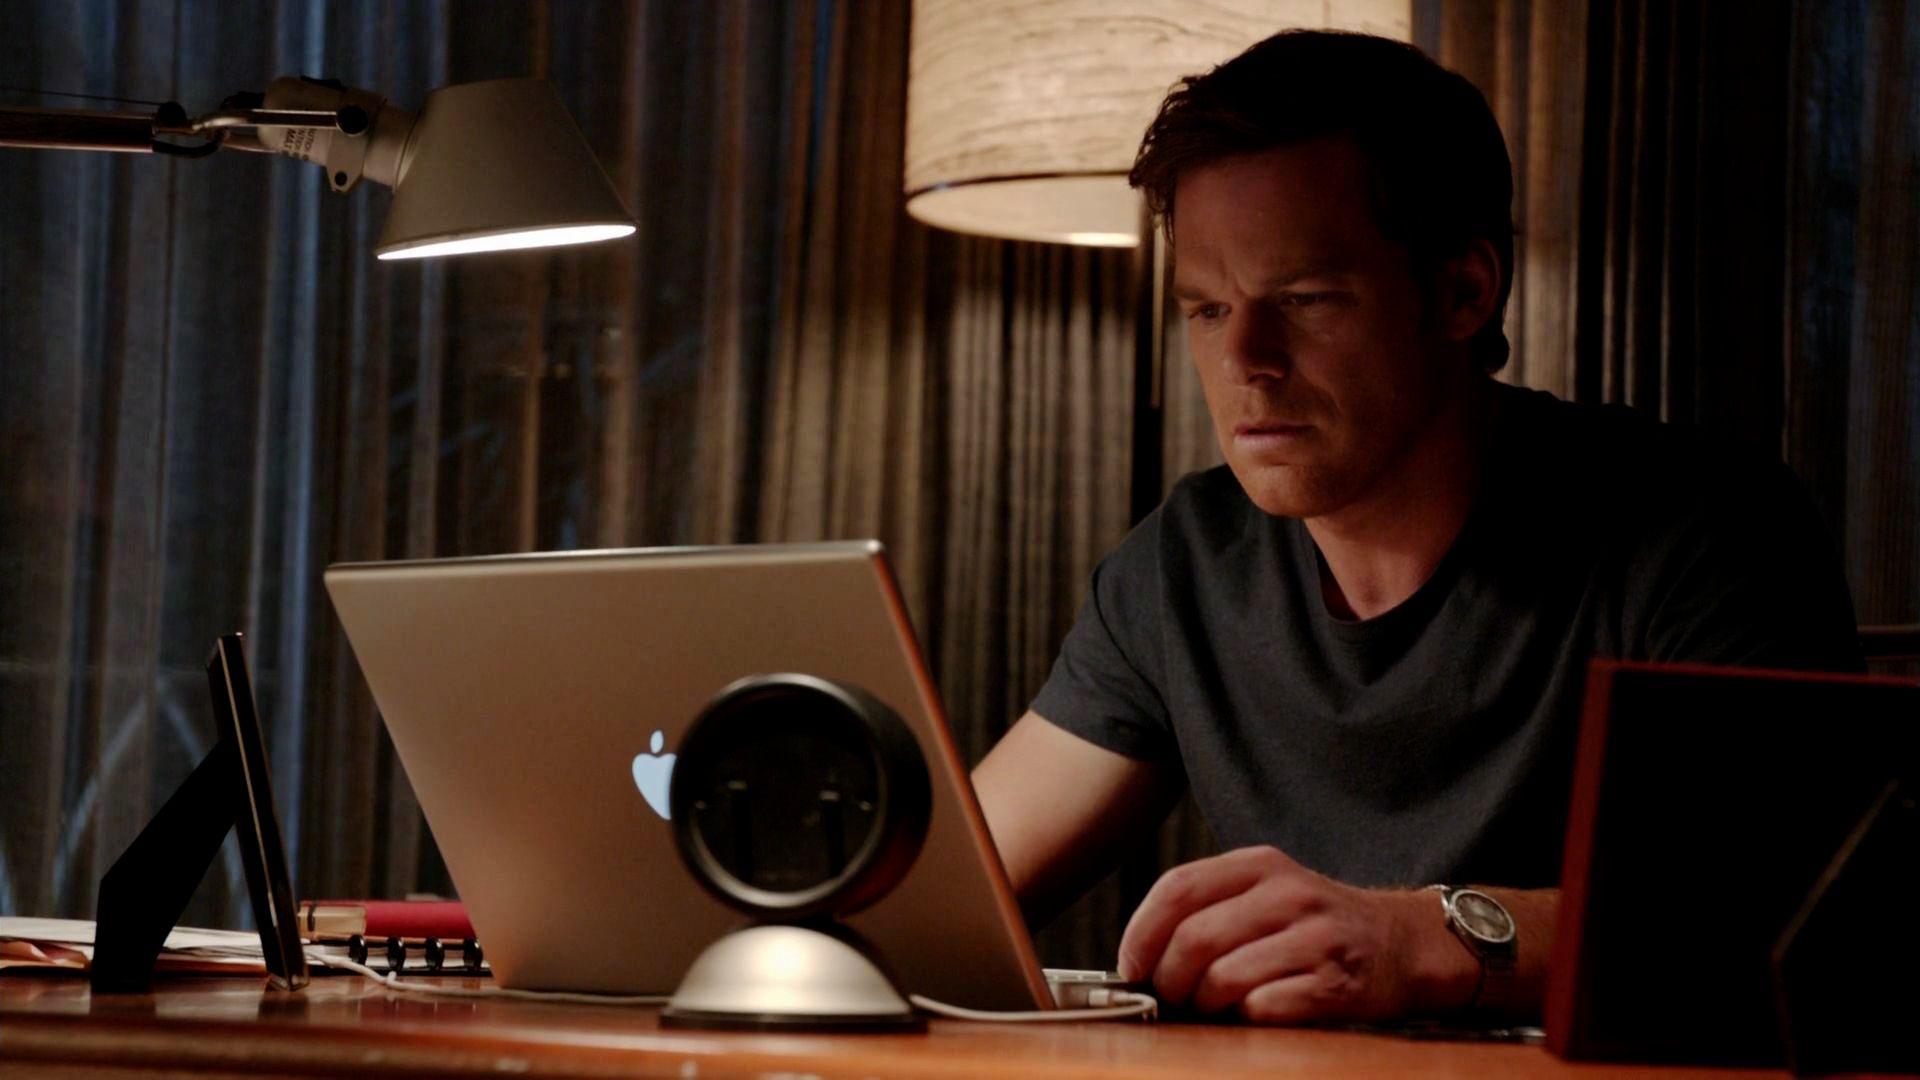 دانلود زیرنویس فصل نهم سریال دکستر Dexter s9 3